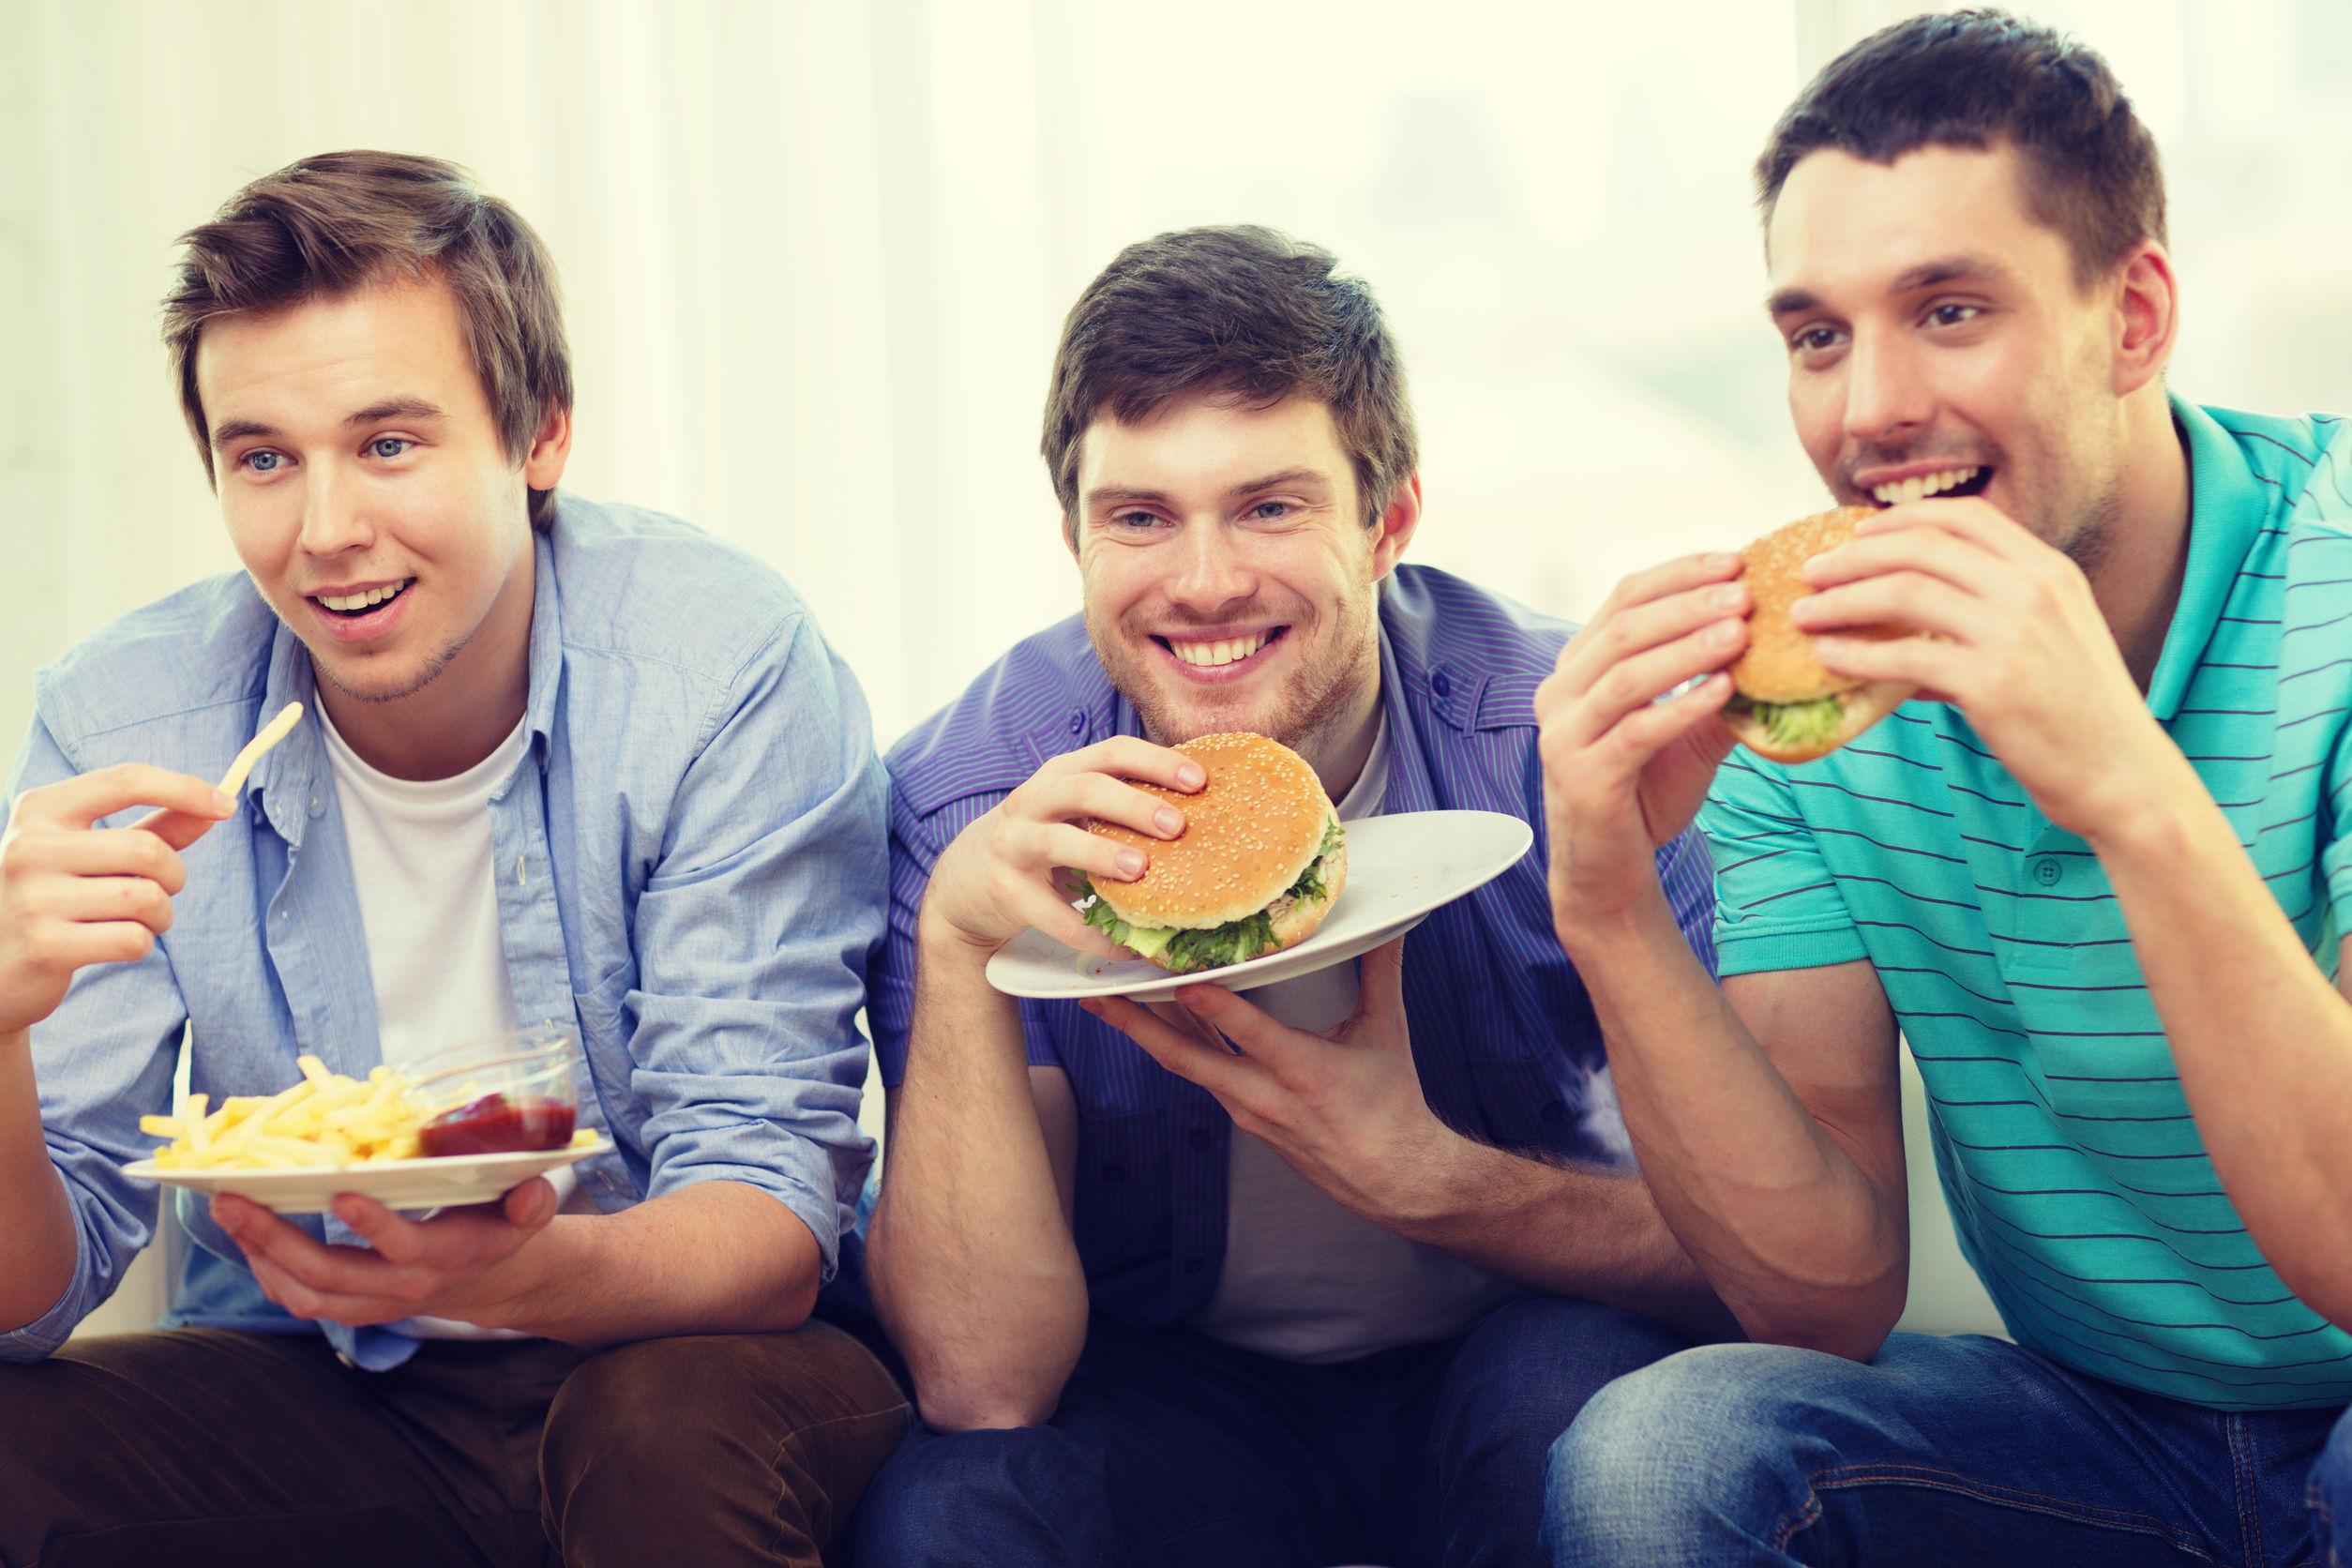 Când programul tv se potriveşte cu meniul din farfurie. 52% dintre români iau masa în faţa televizorului